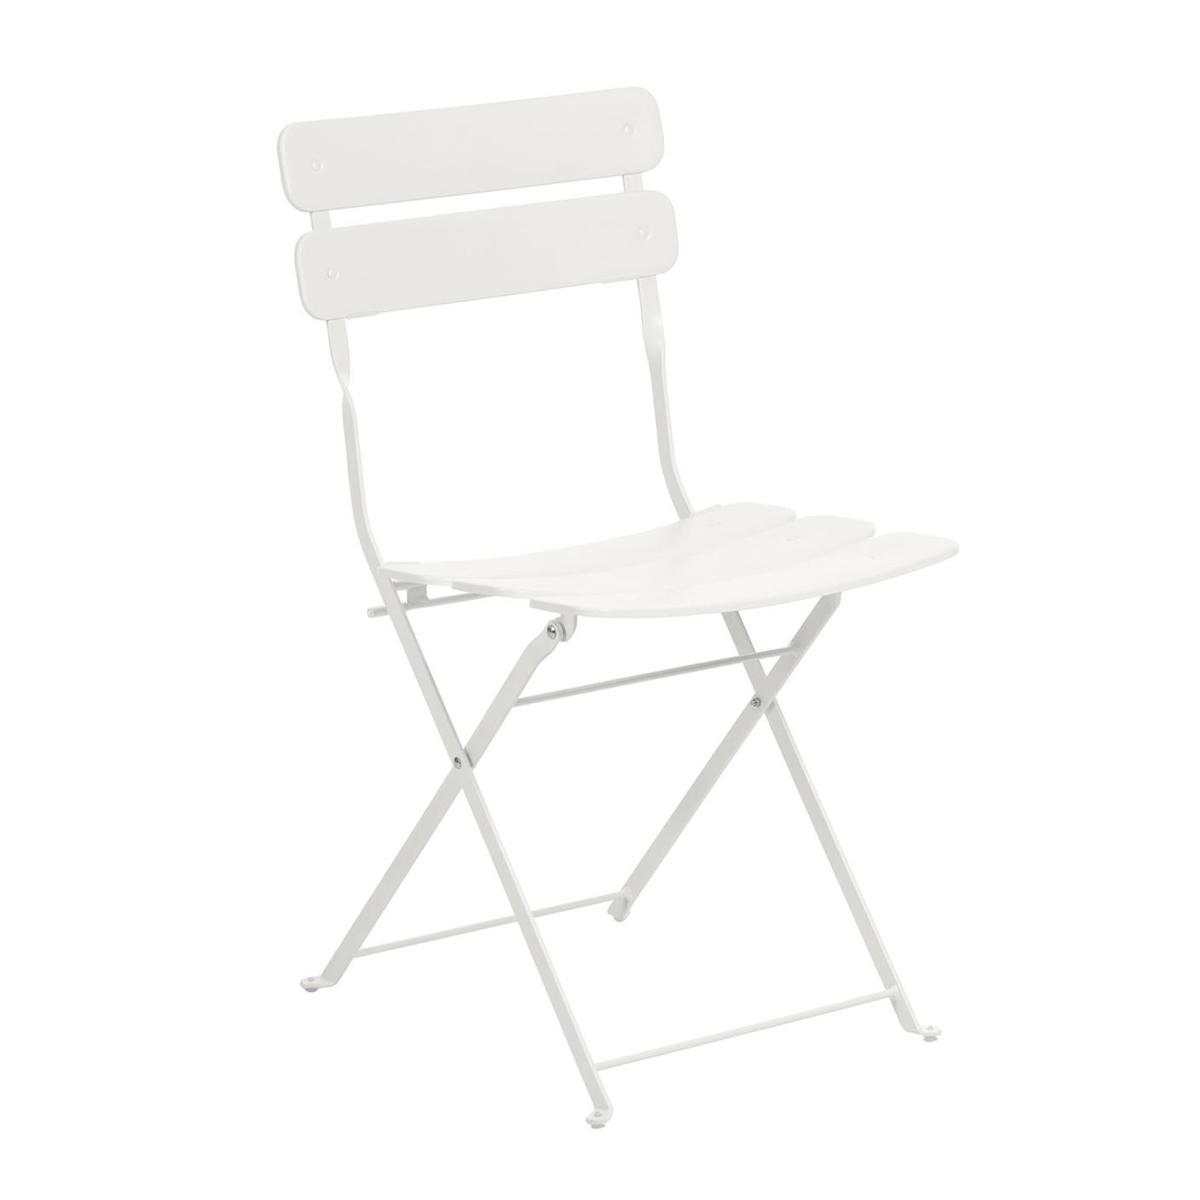 Chaise square en acier peint - Blanc - 81 x 49 cm